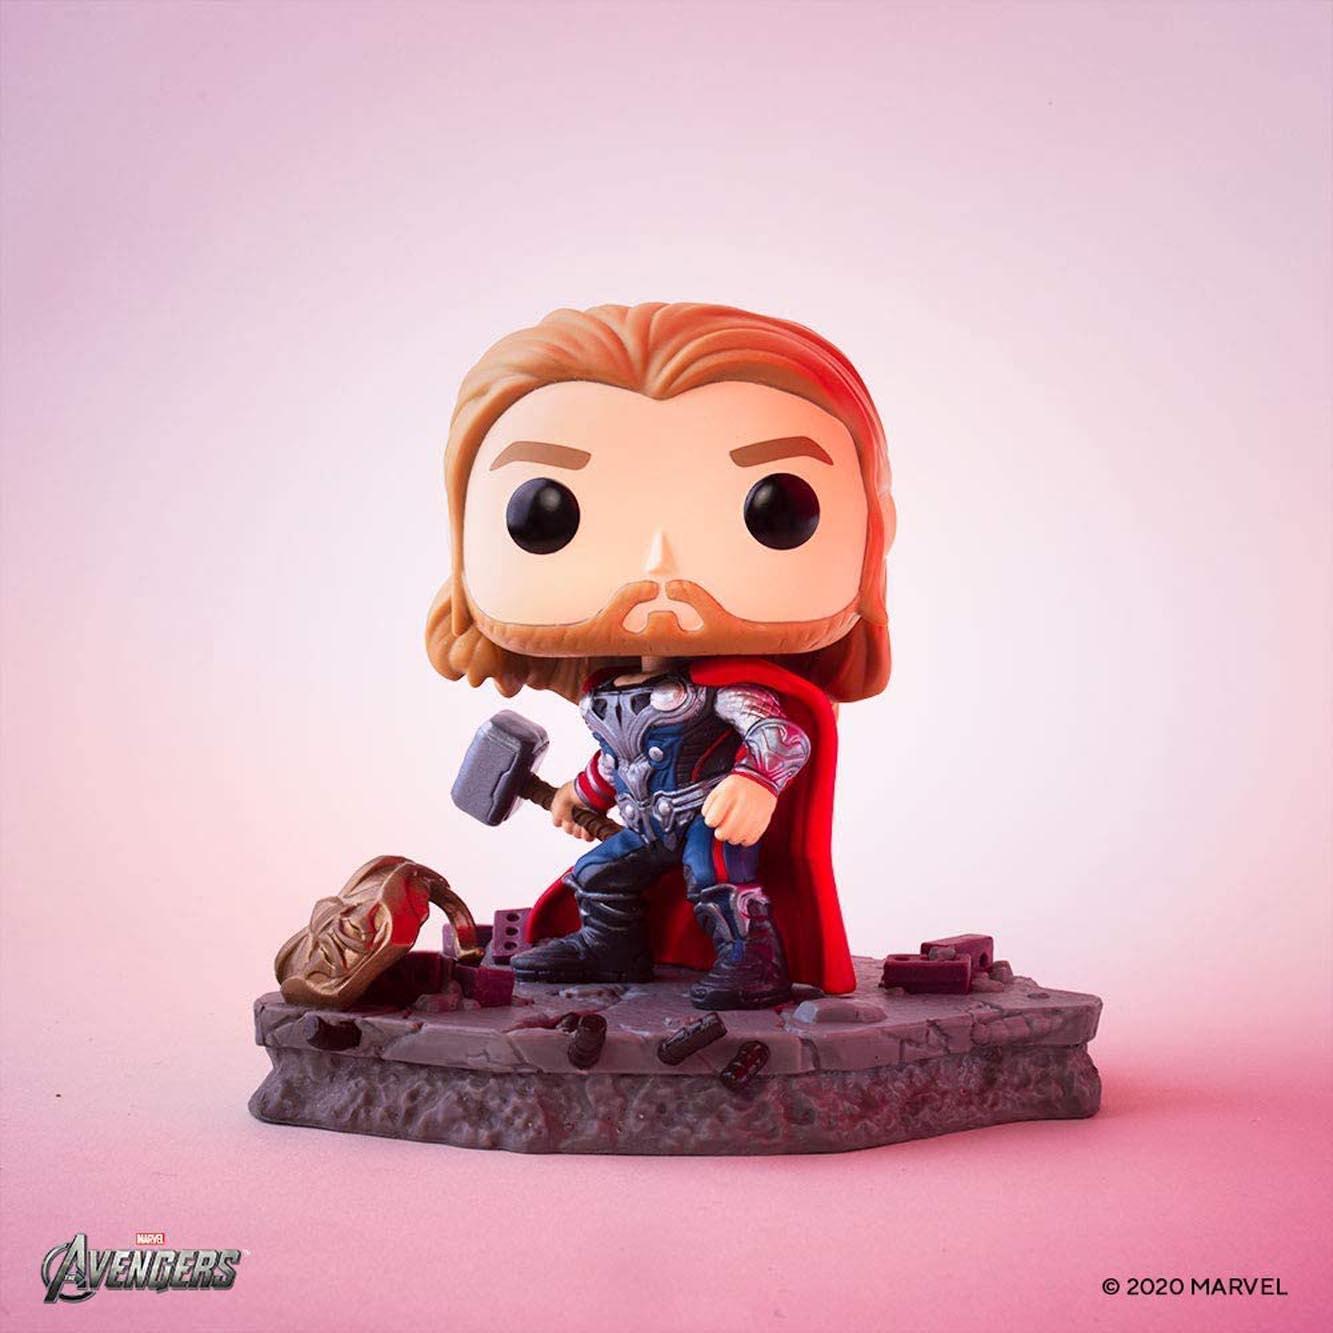 Avengers Funko pops